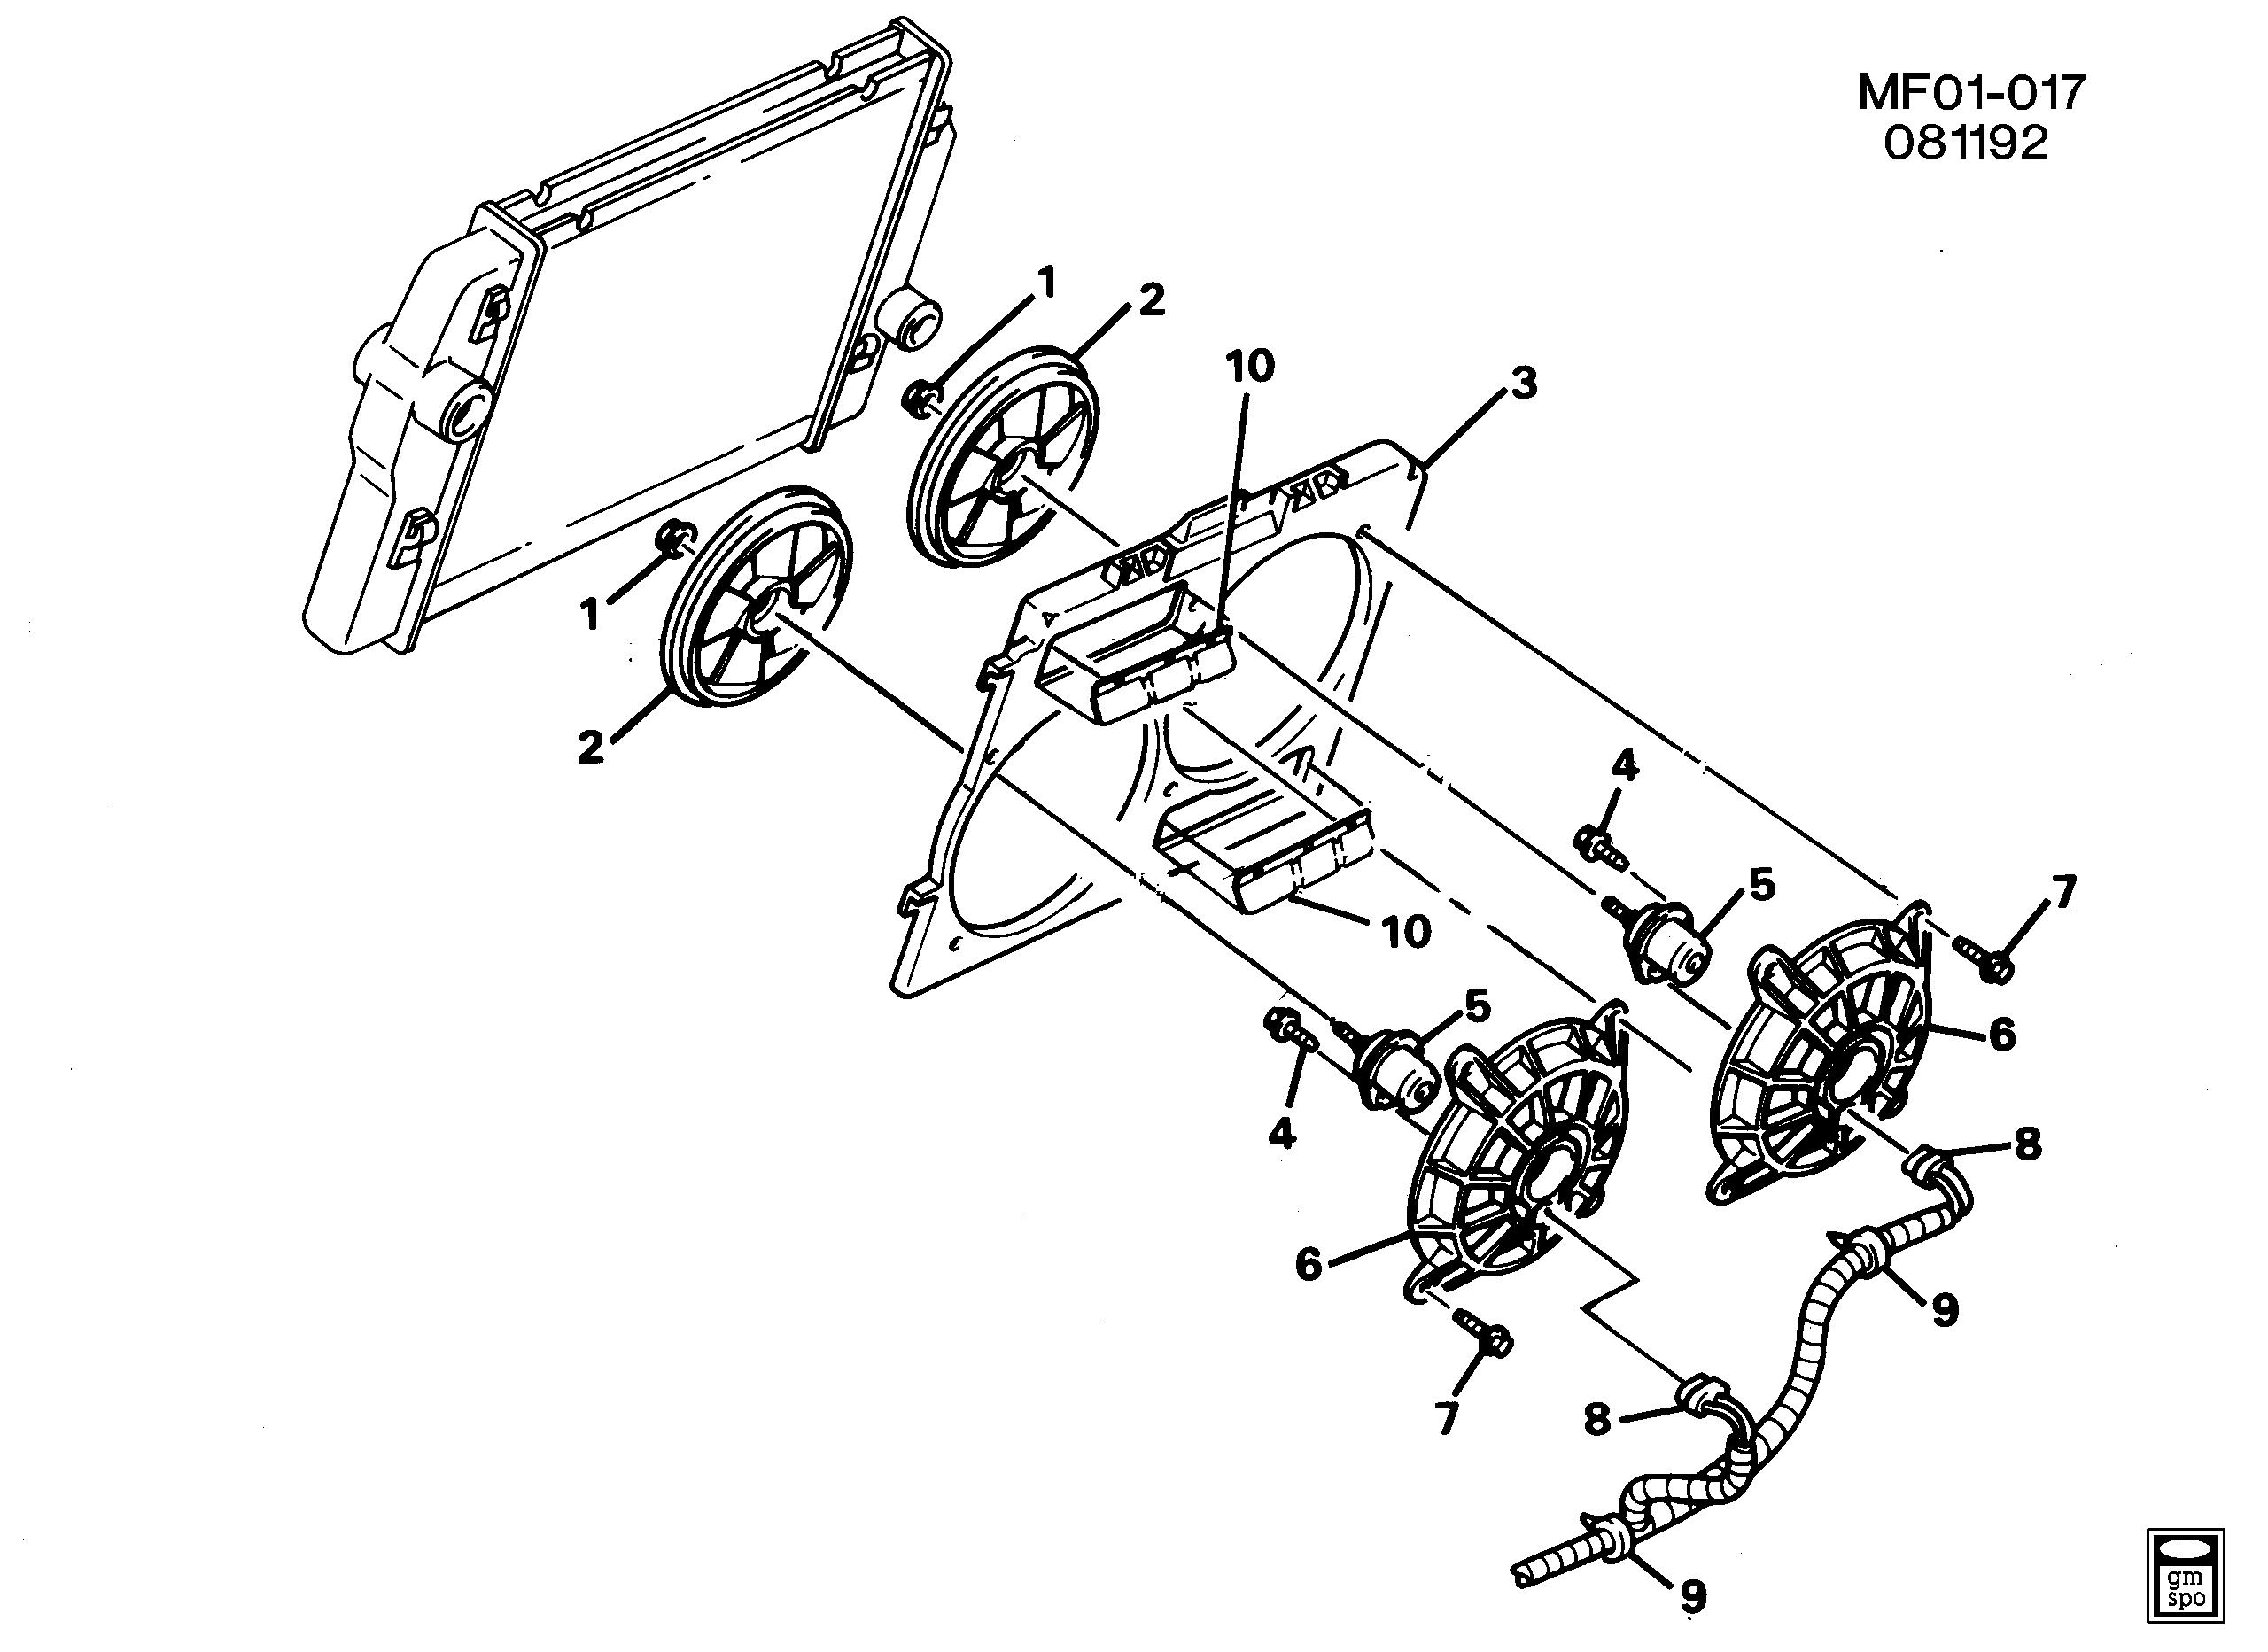 Pontiac Firebird Lt1 Engine Diagram Manual Guide